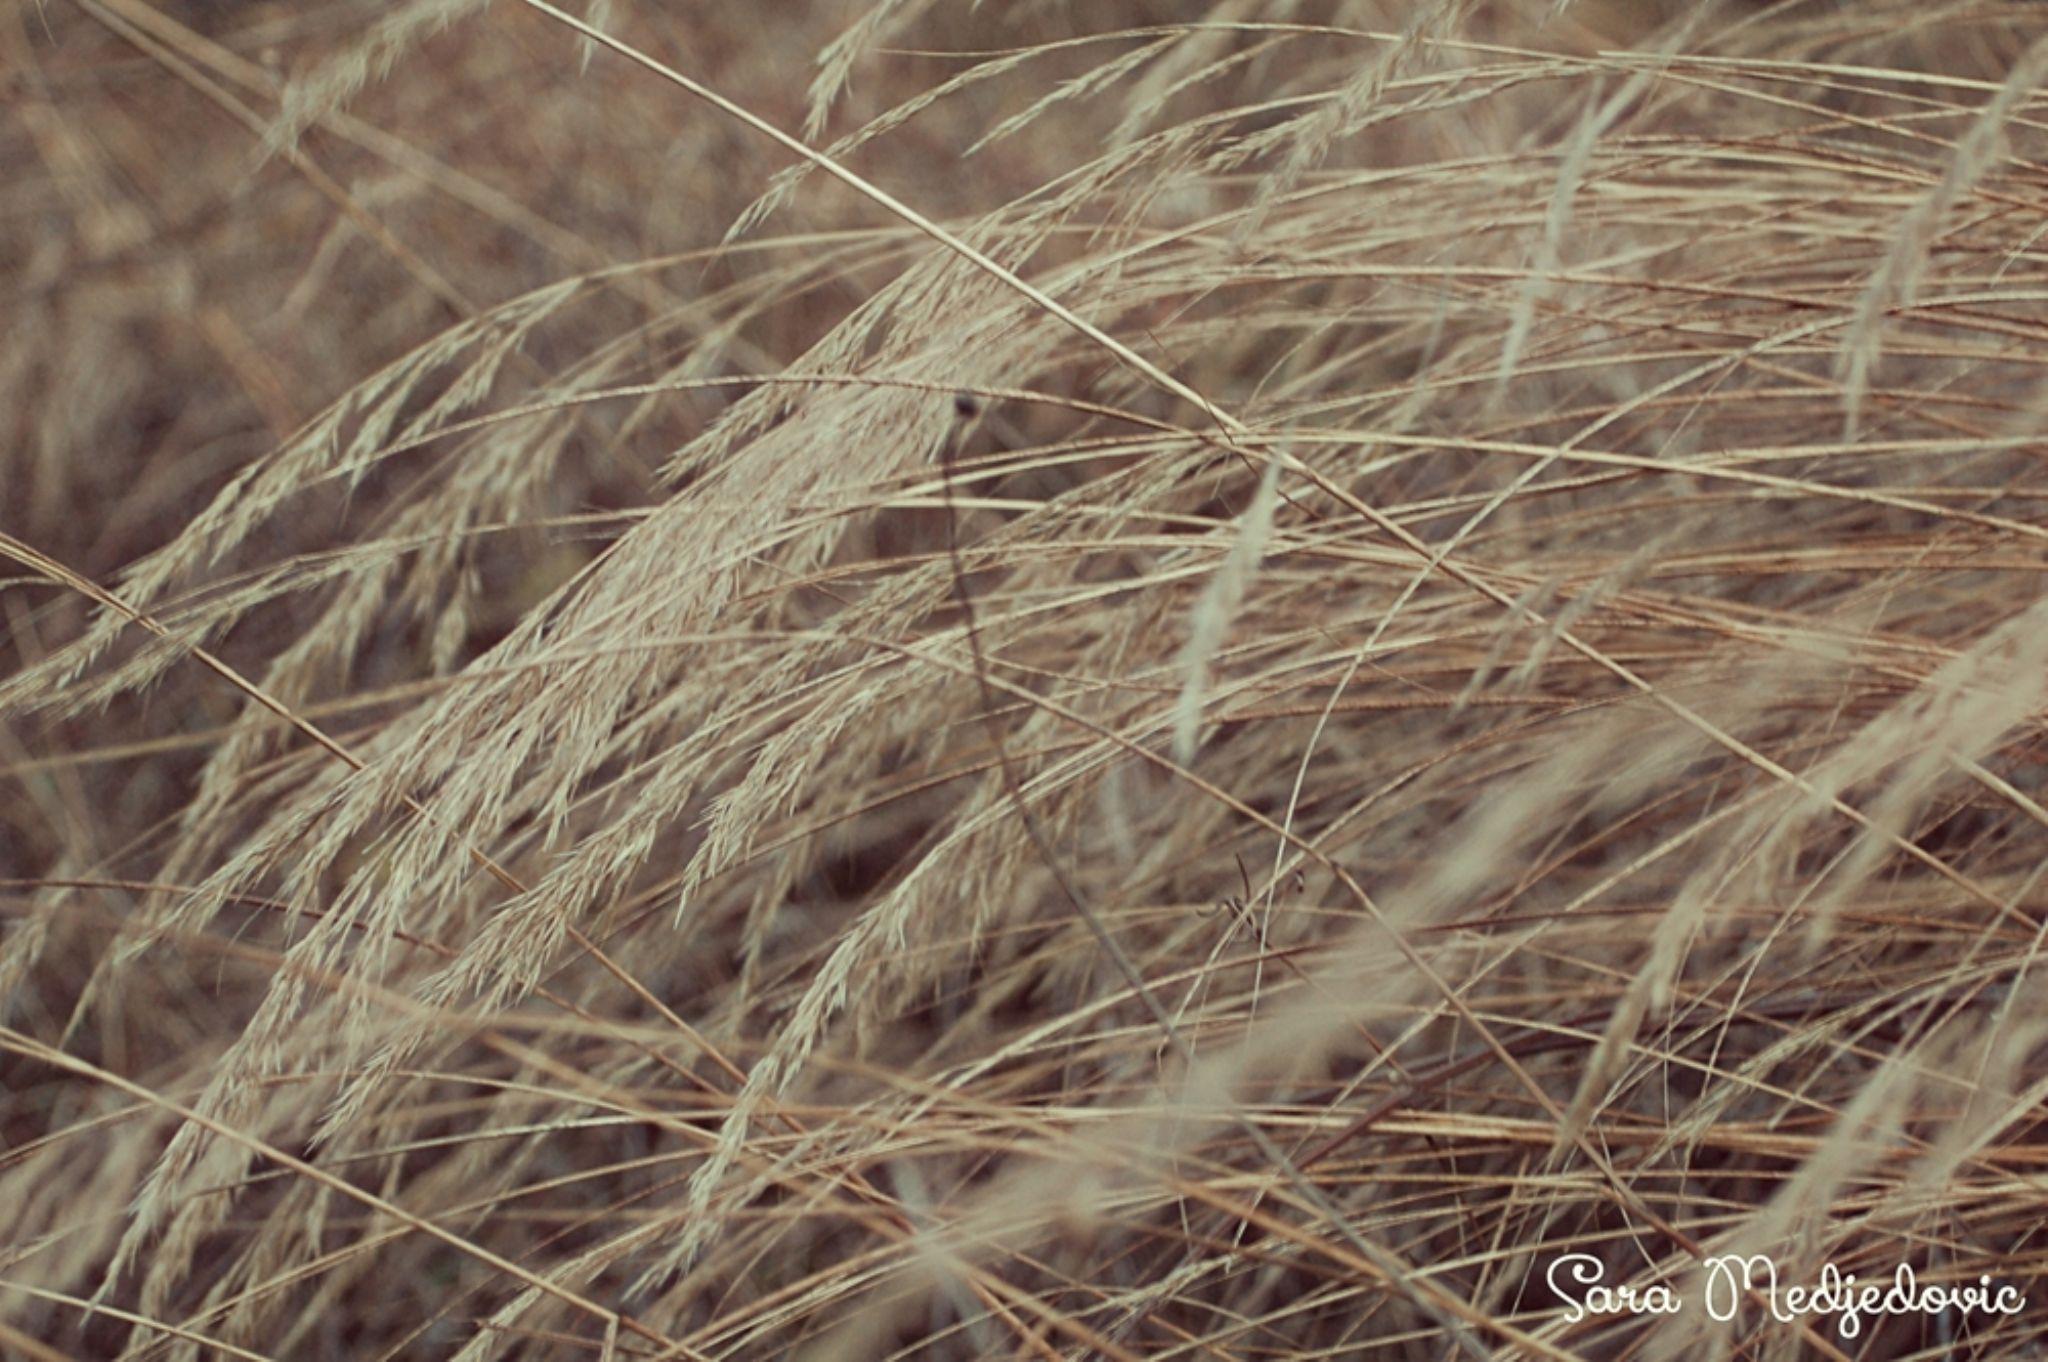 Grass. by Sara Medjedovic